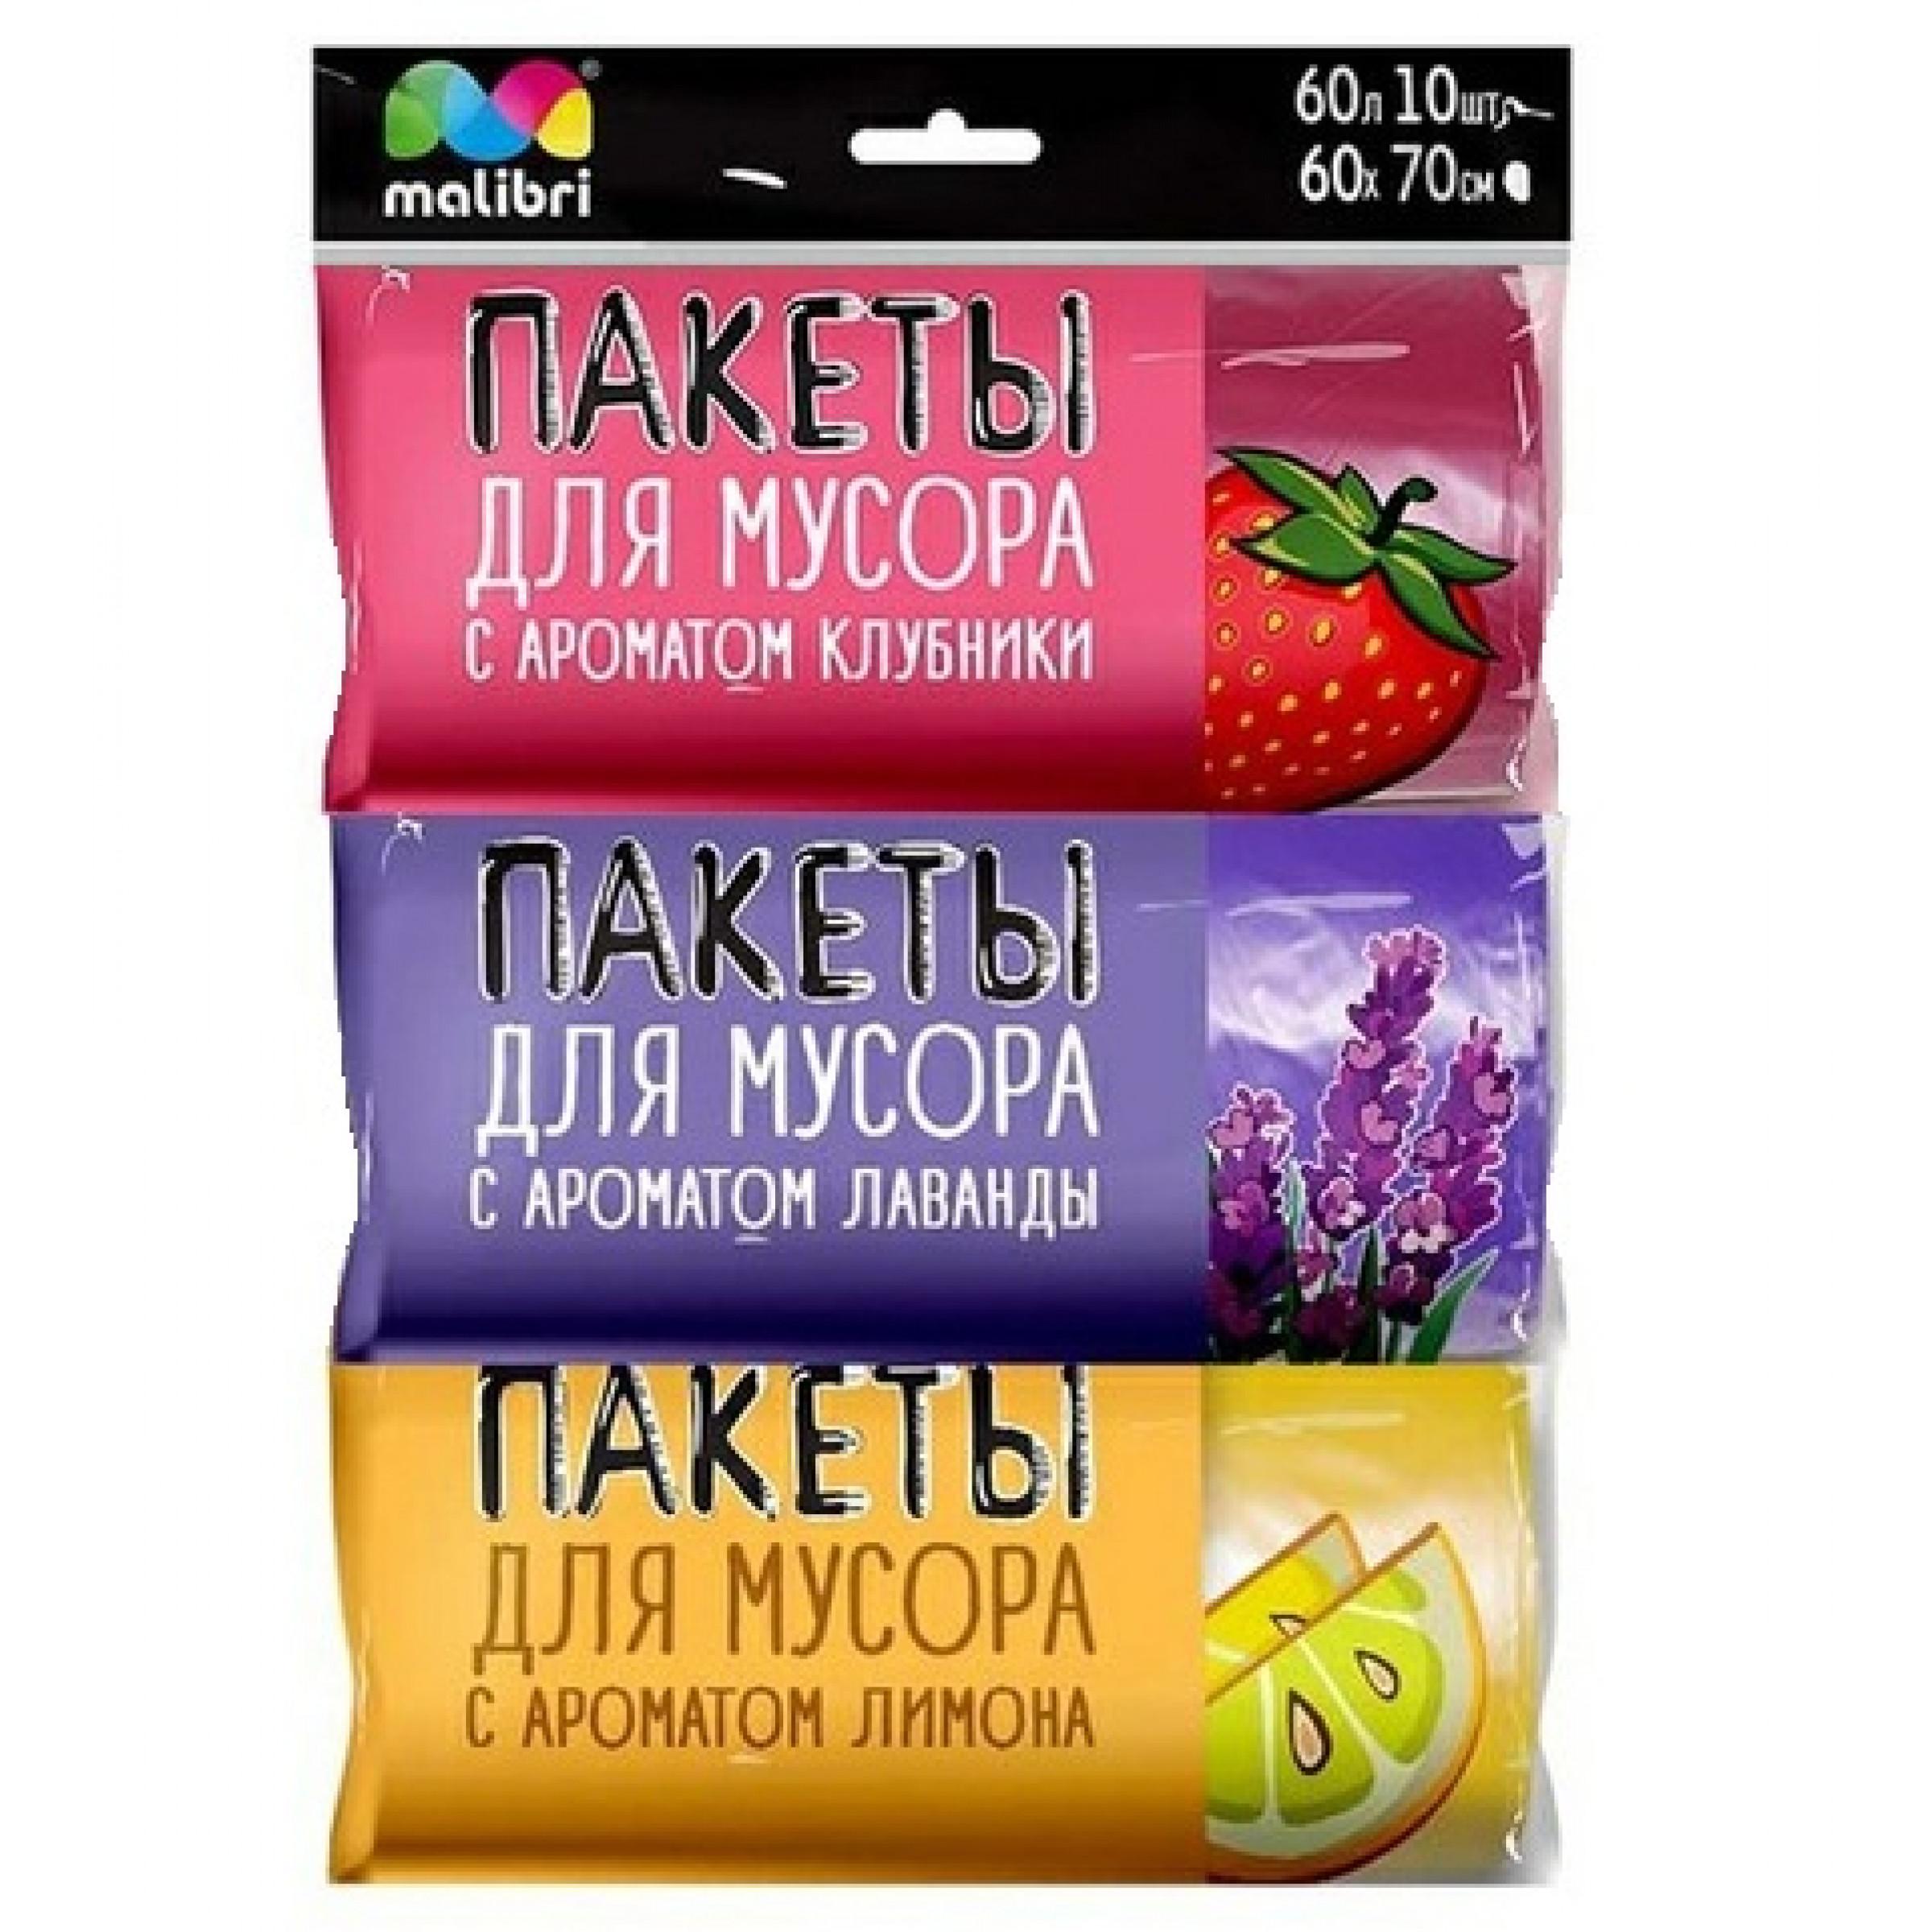 Пакеты для мусора Malibri с ароматом клубники, 60л, 10шт